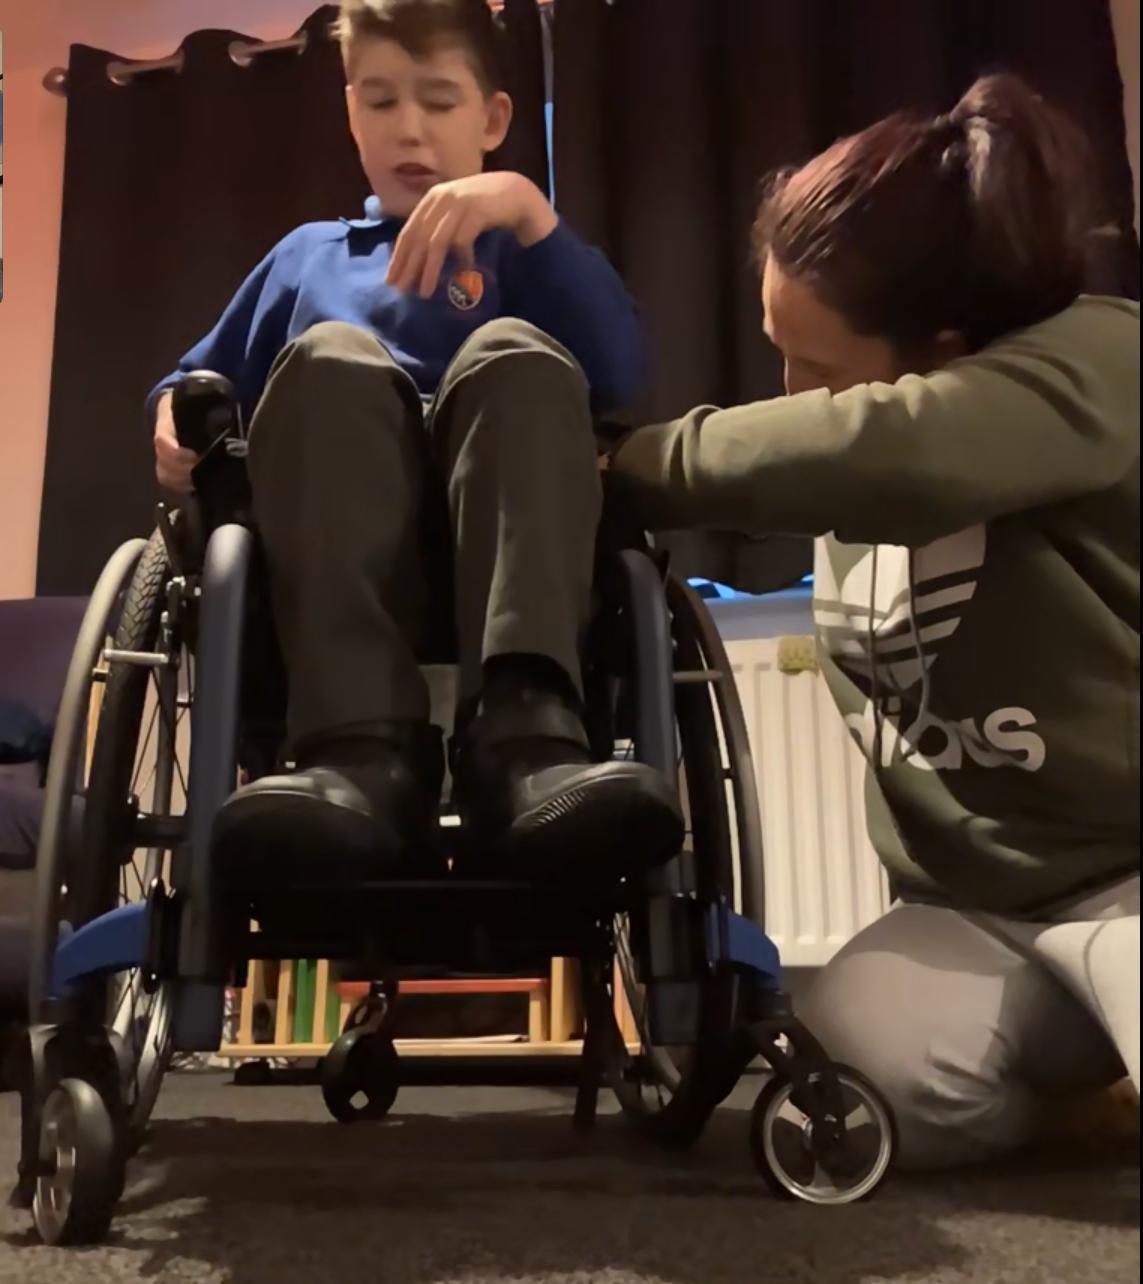 Mum Samantha helps fit Zach's new wheelchair in a remote handover